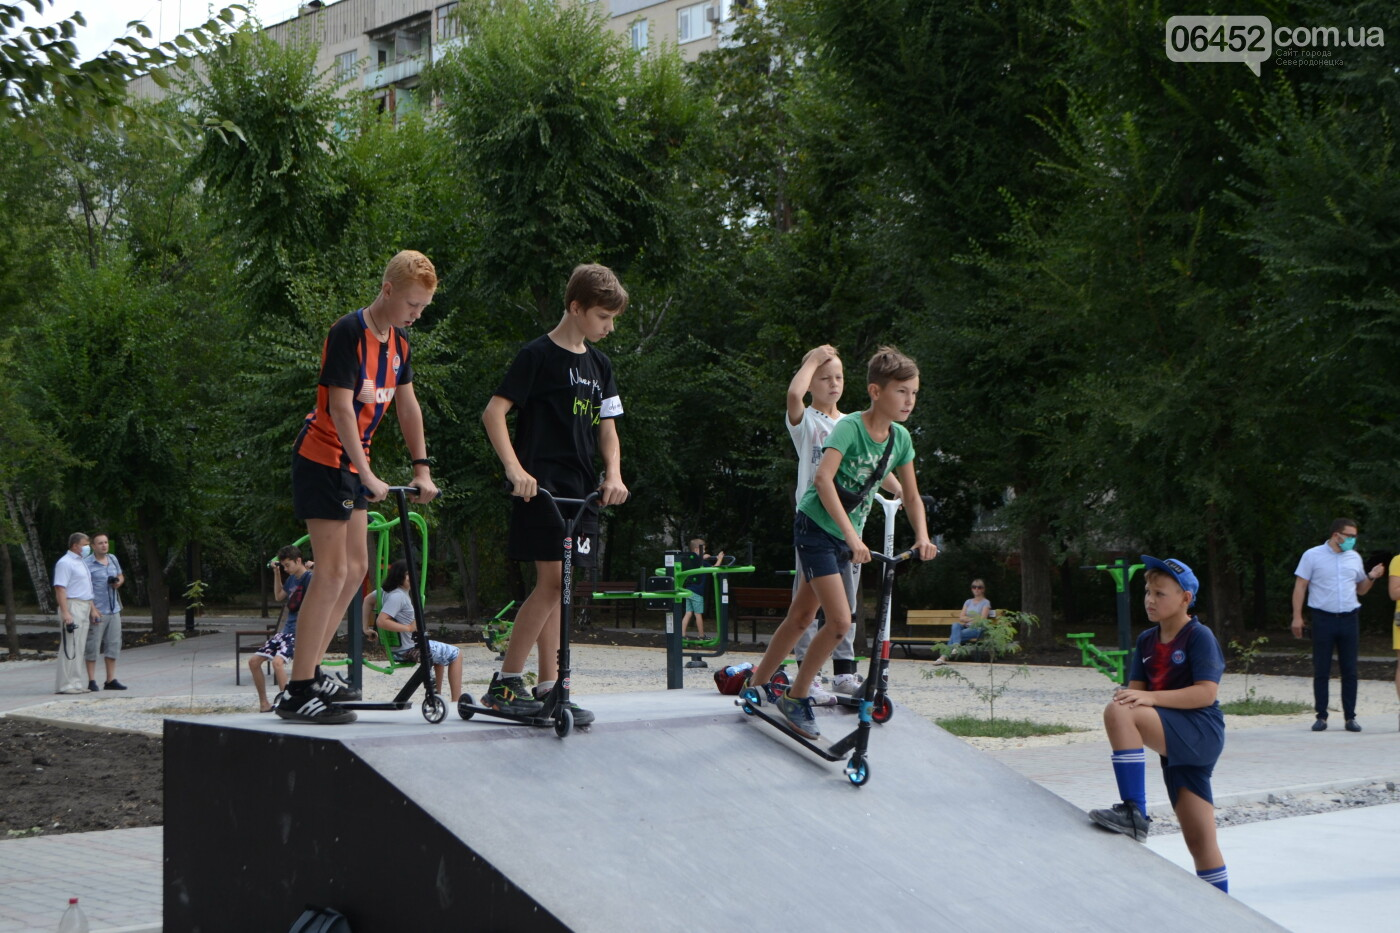 Добро пожаловать в скейт-парк. У северодончан появилась долгожданная площадка для экстрима (фото) , фото-7